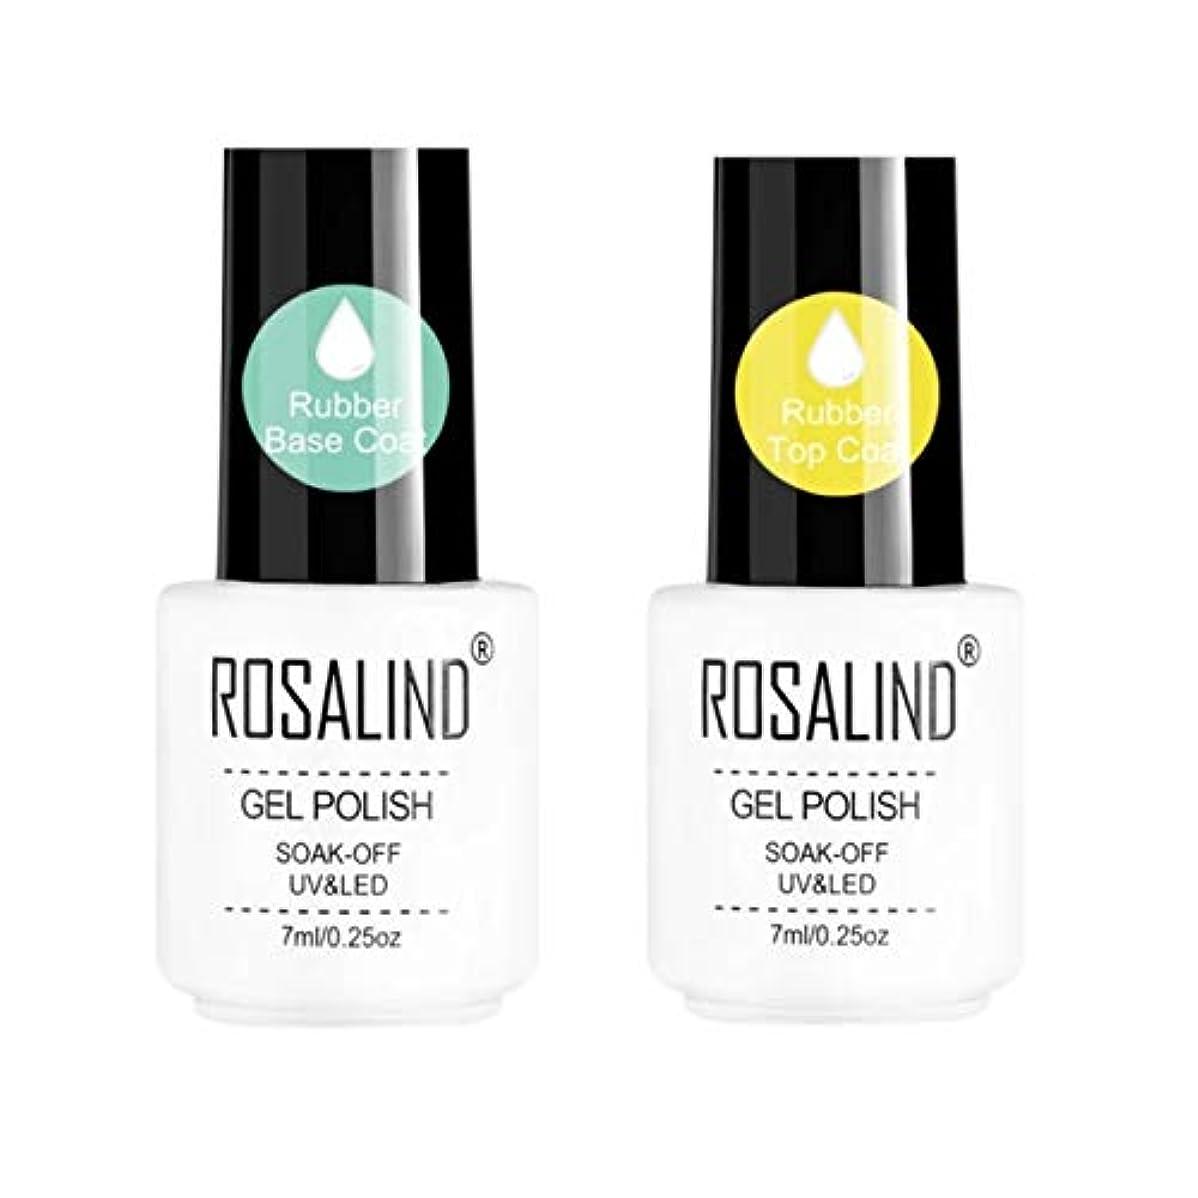 カラー長持ち【ROSALIND】ノンワイプ ラバーベースコート&ラバートップコートセット 爪を傷めず色素沈着防止